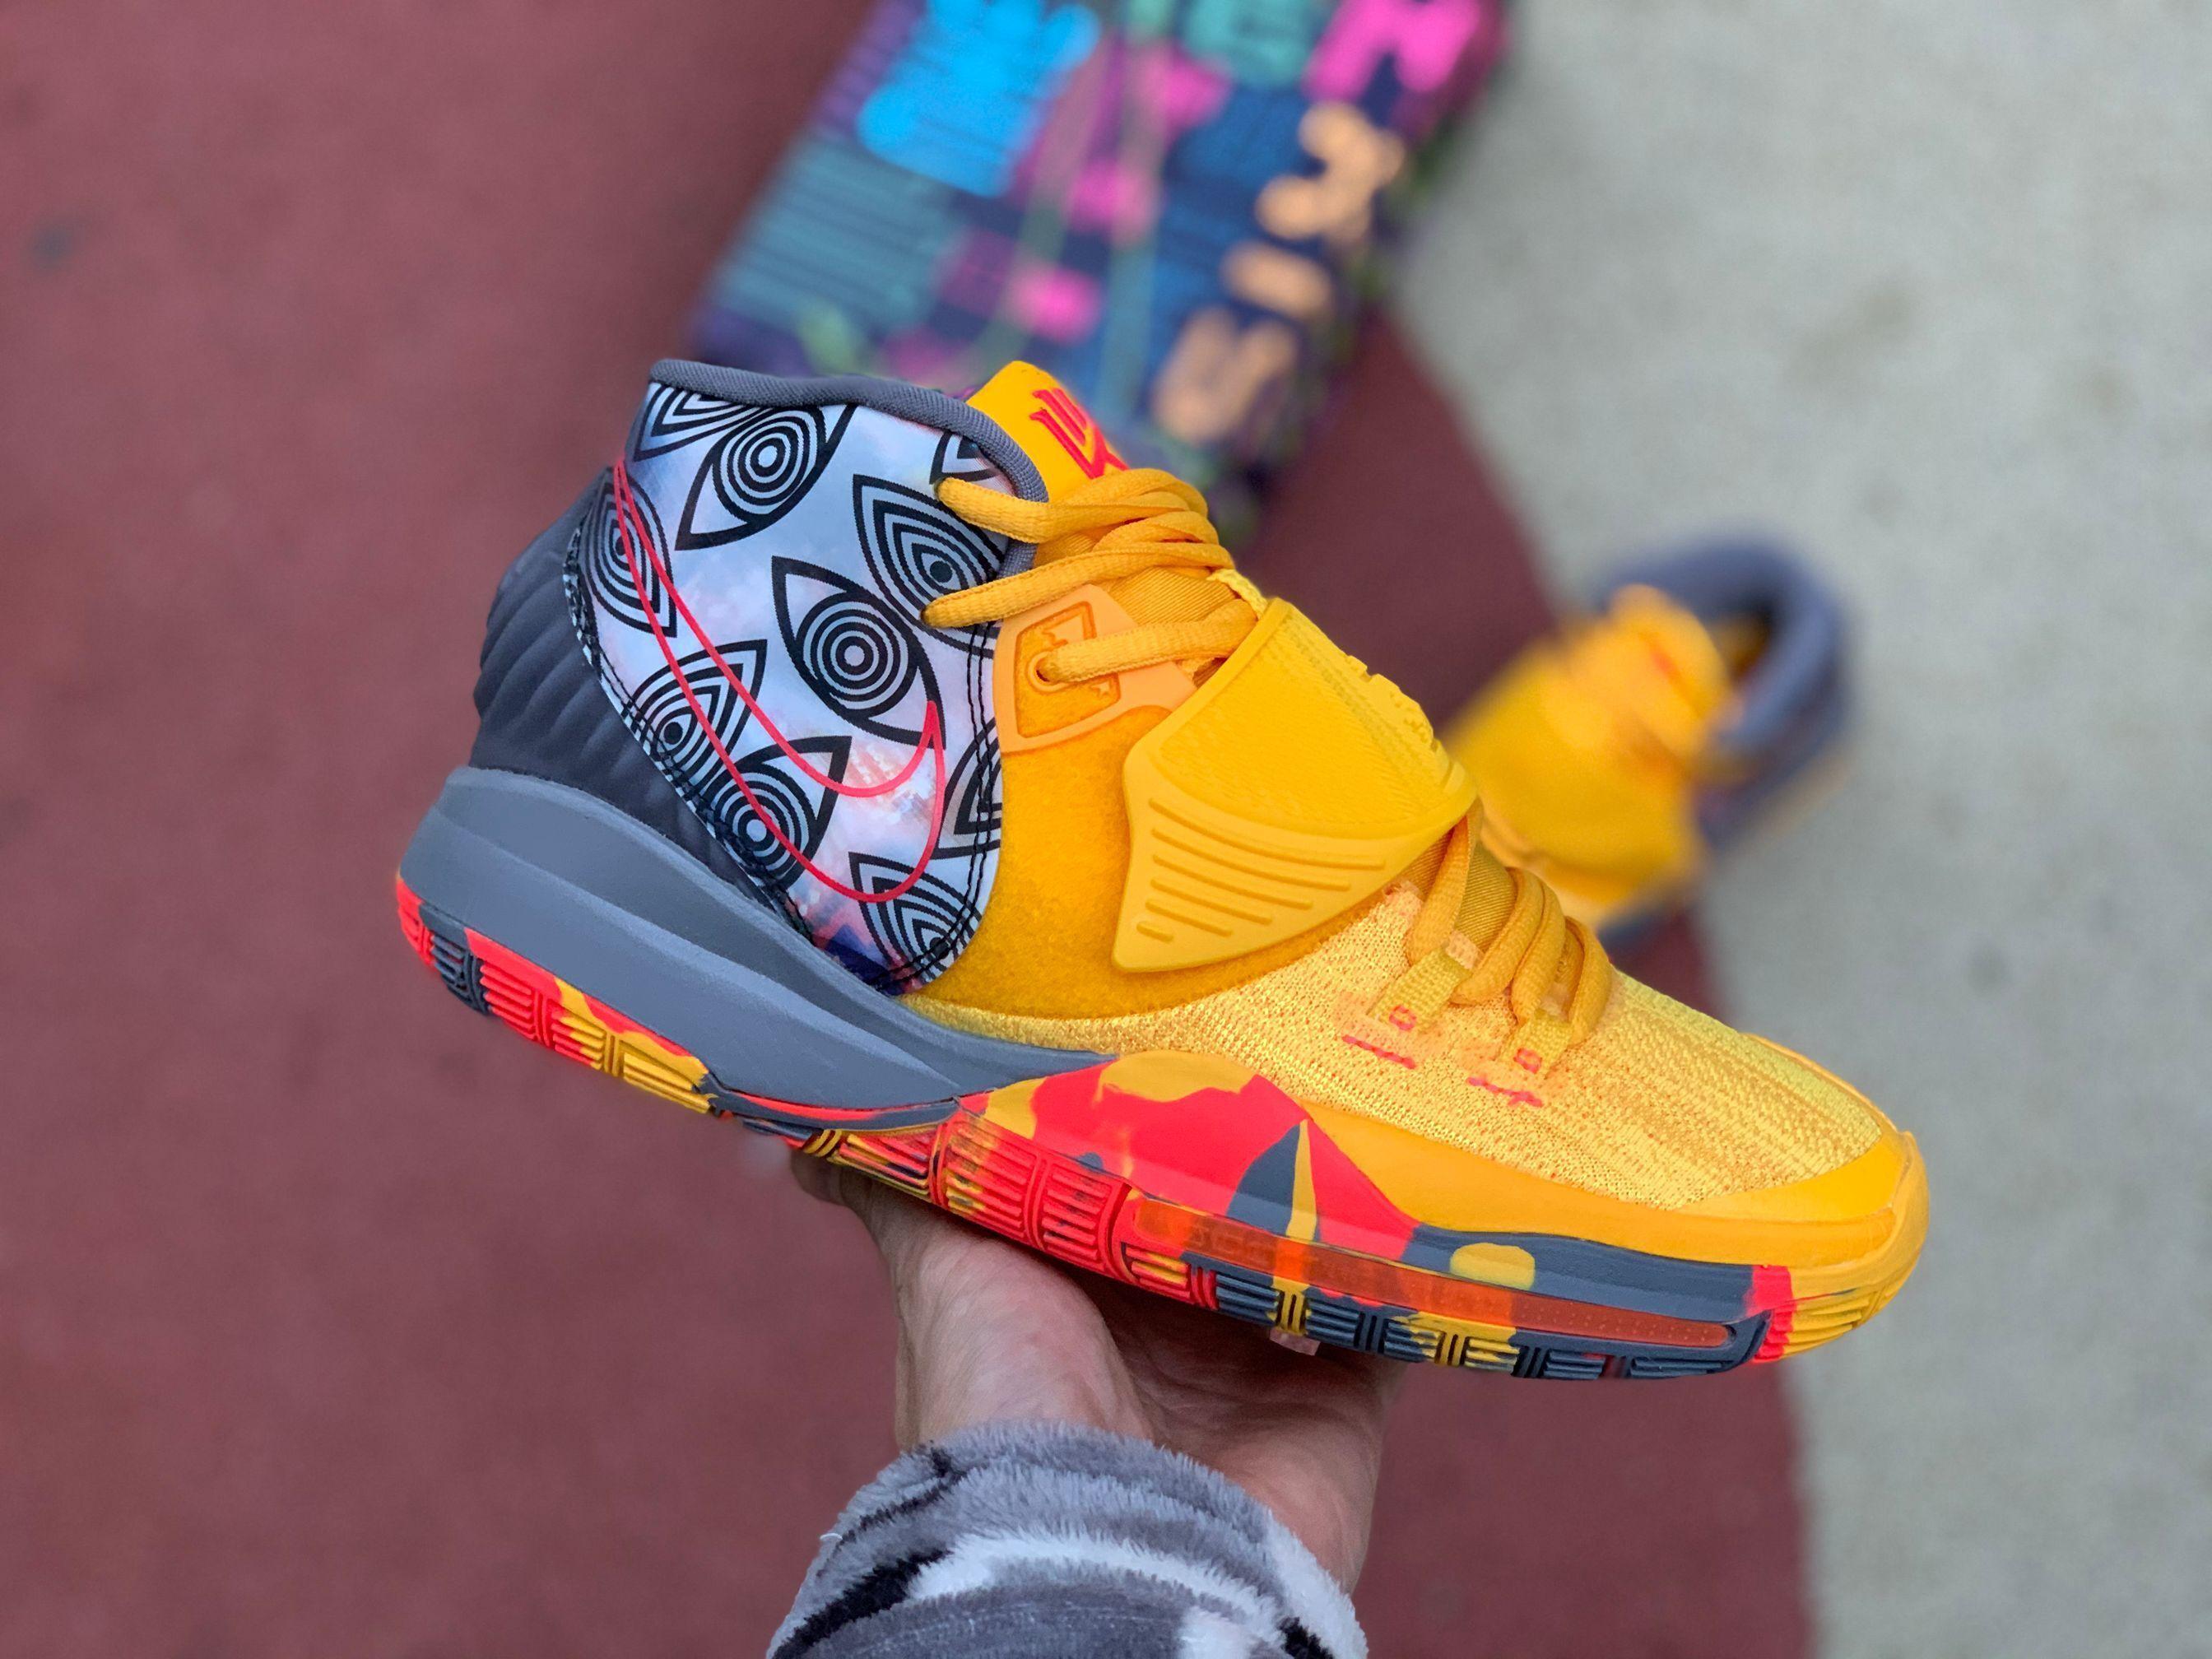 Cheap Nike Kyrie 6 Pre Heat Beijing Cq7634 701 Men Sneakers In 2020 Nike Kyrie Nike Men Jordan Shoes New Release